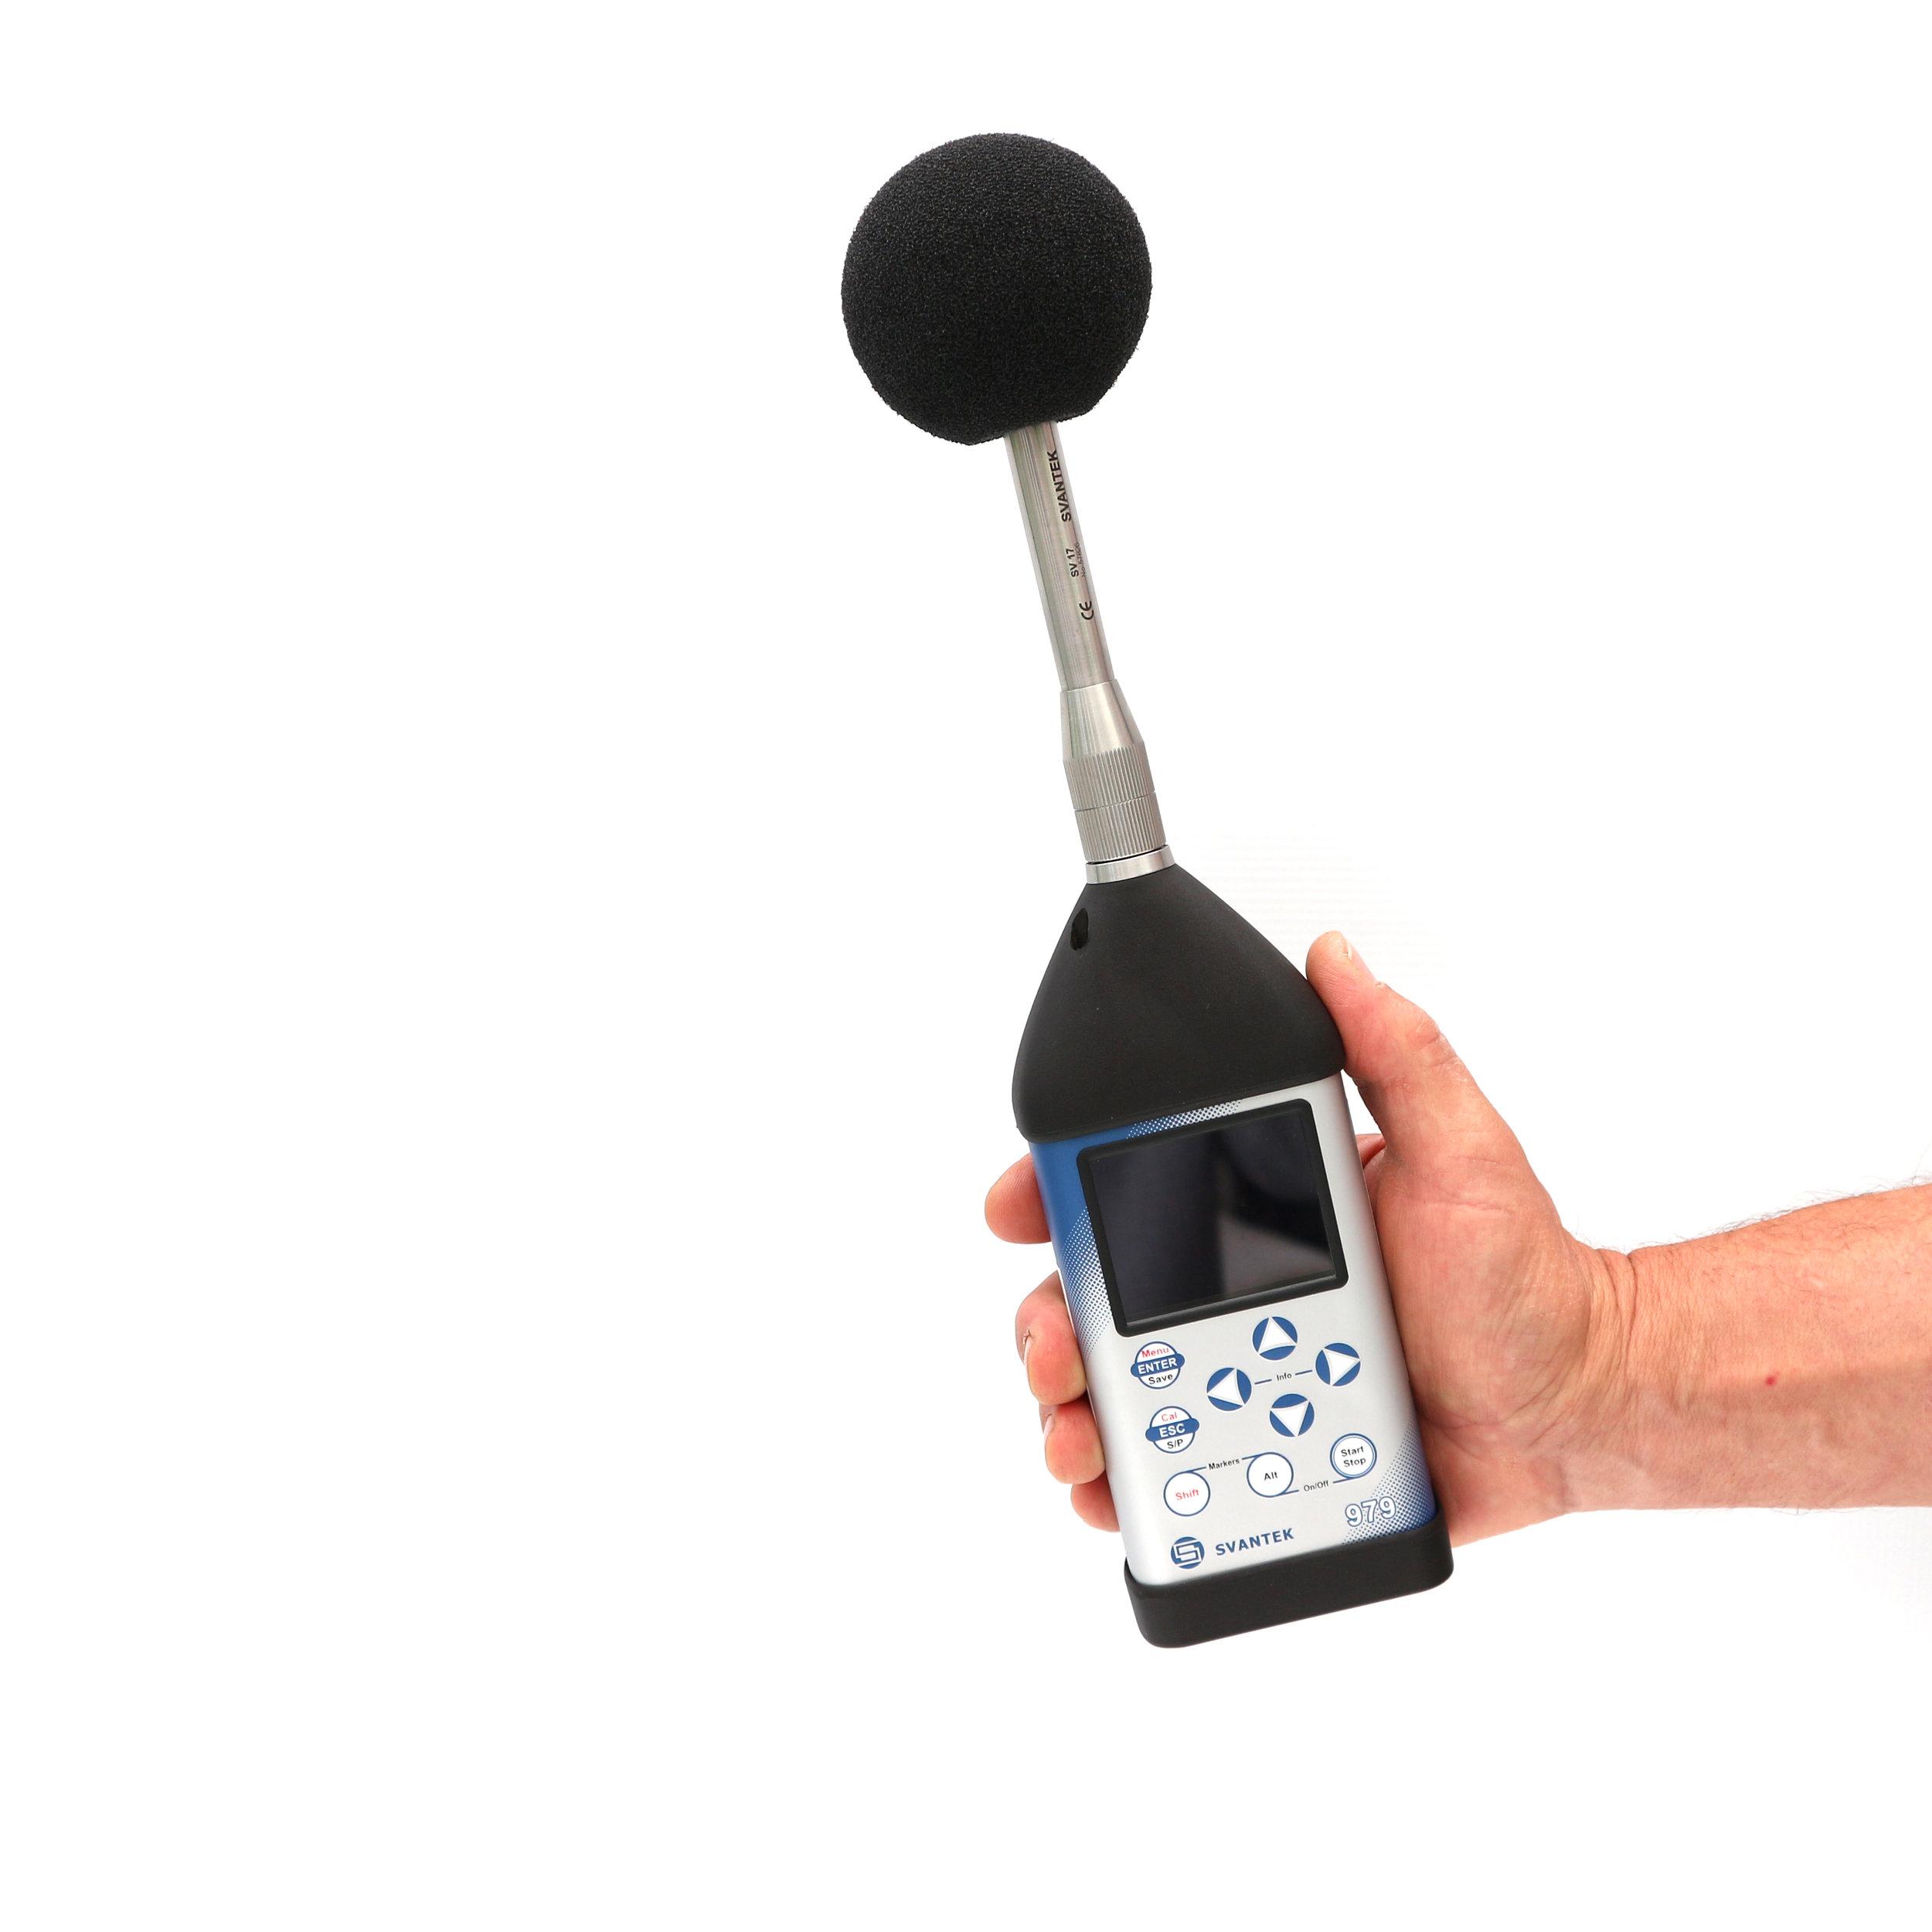 Svantek 977A Class 1 Sound Level Meter